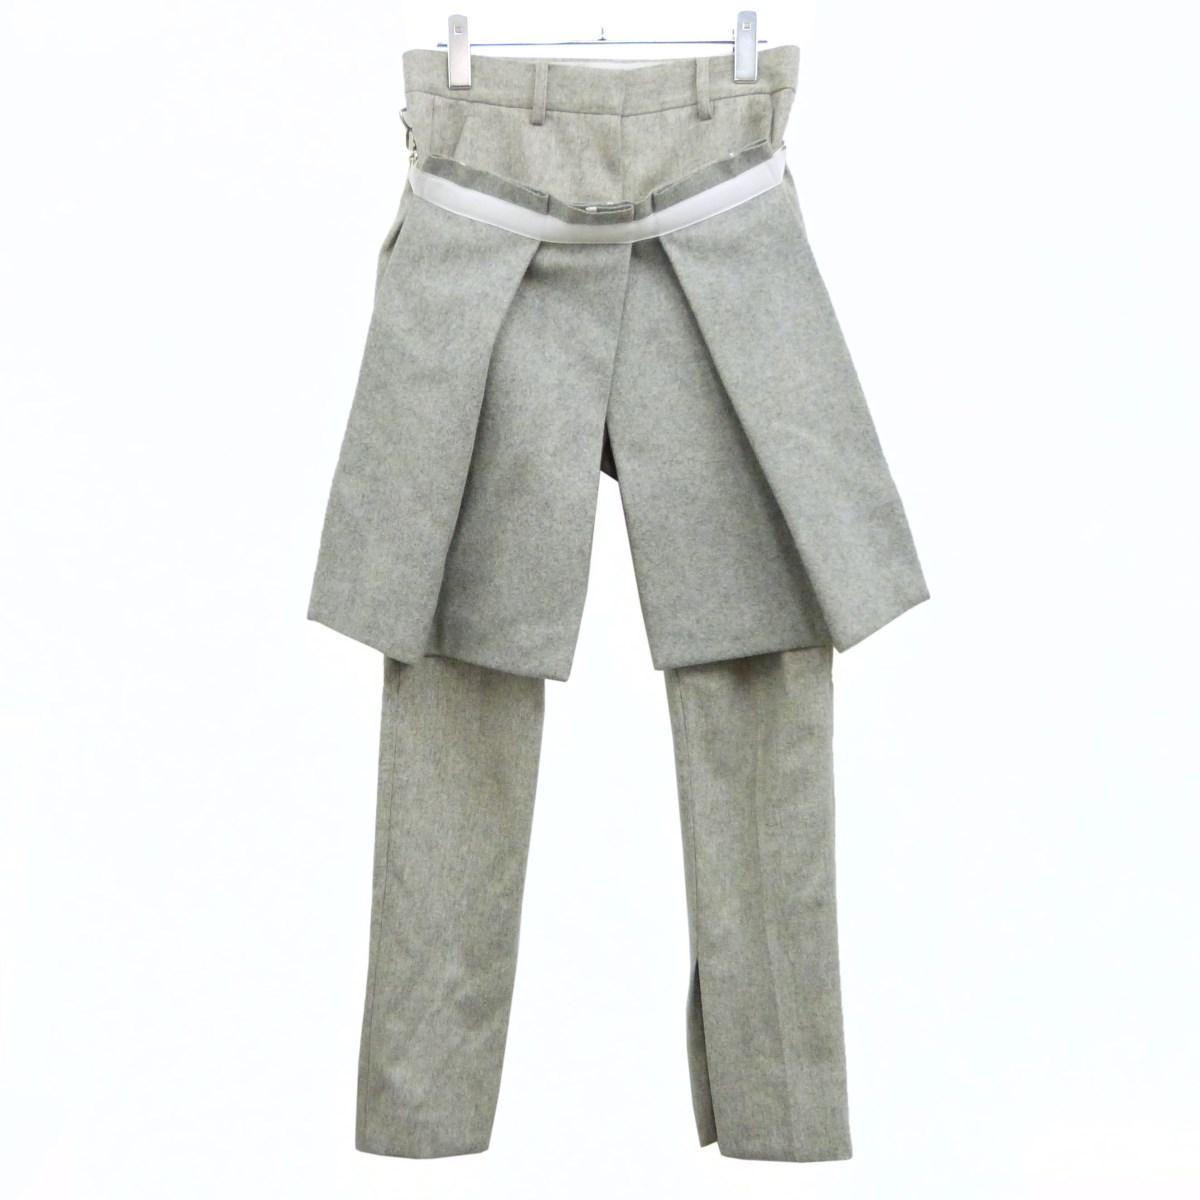 【中古】sacai 19AW「 trousers with removable panel」巻きスカートウールパンツ グレー サイズ:1 【010320】(サカイ)